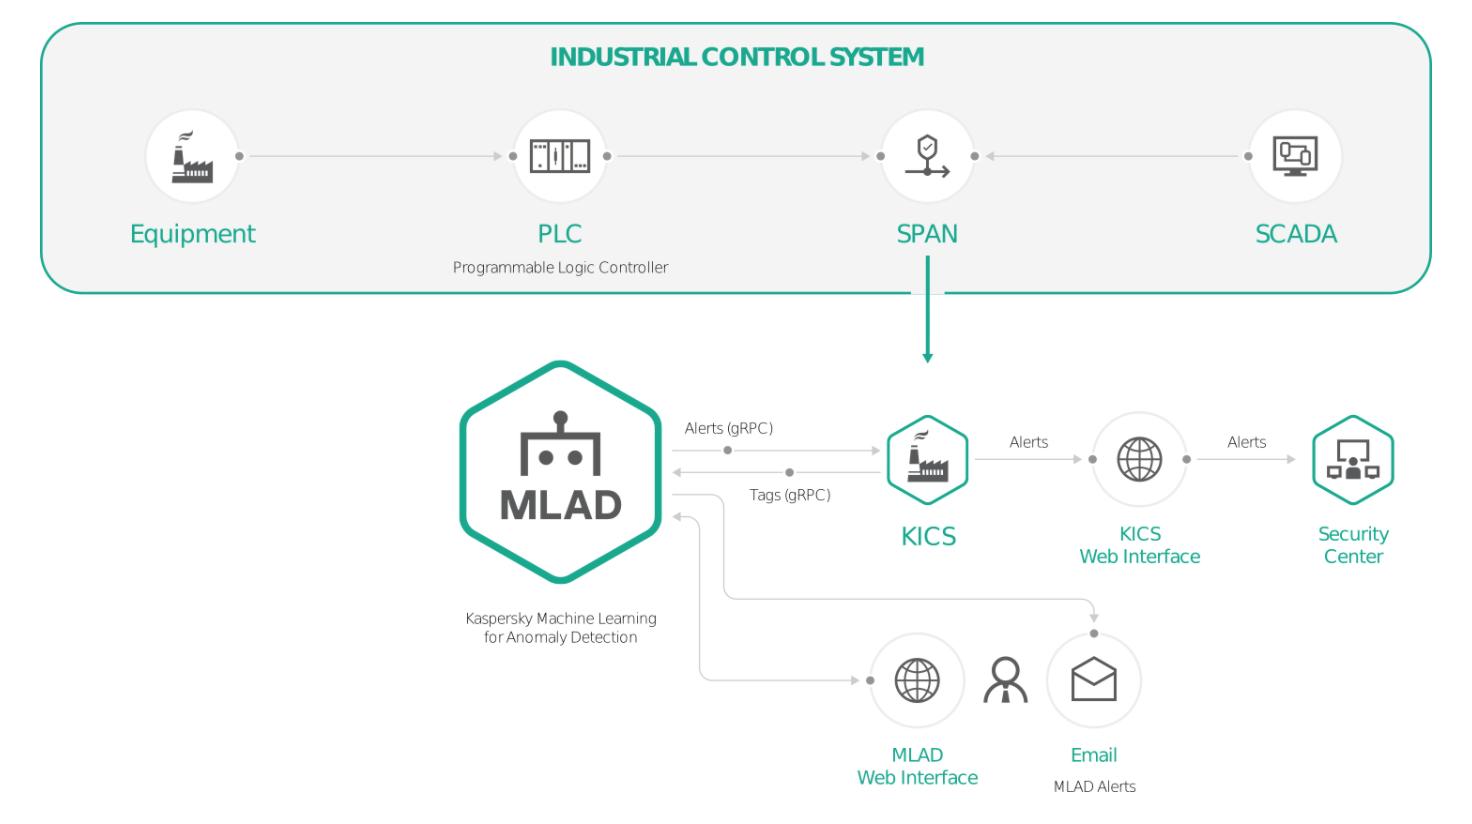 MLAD: aprendizado de máquina na detecção de anomalias